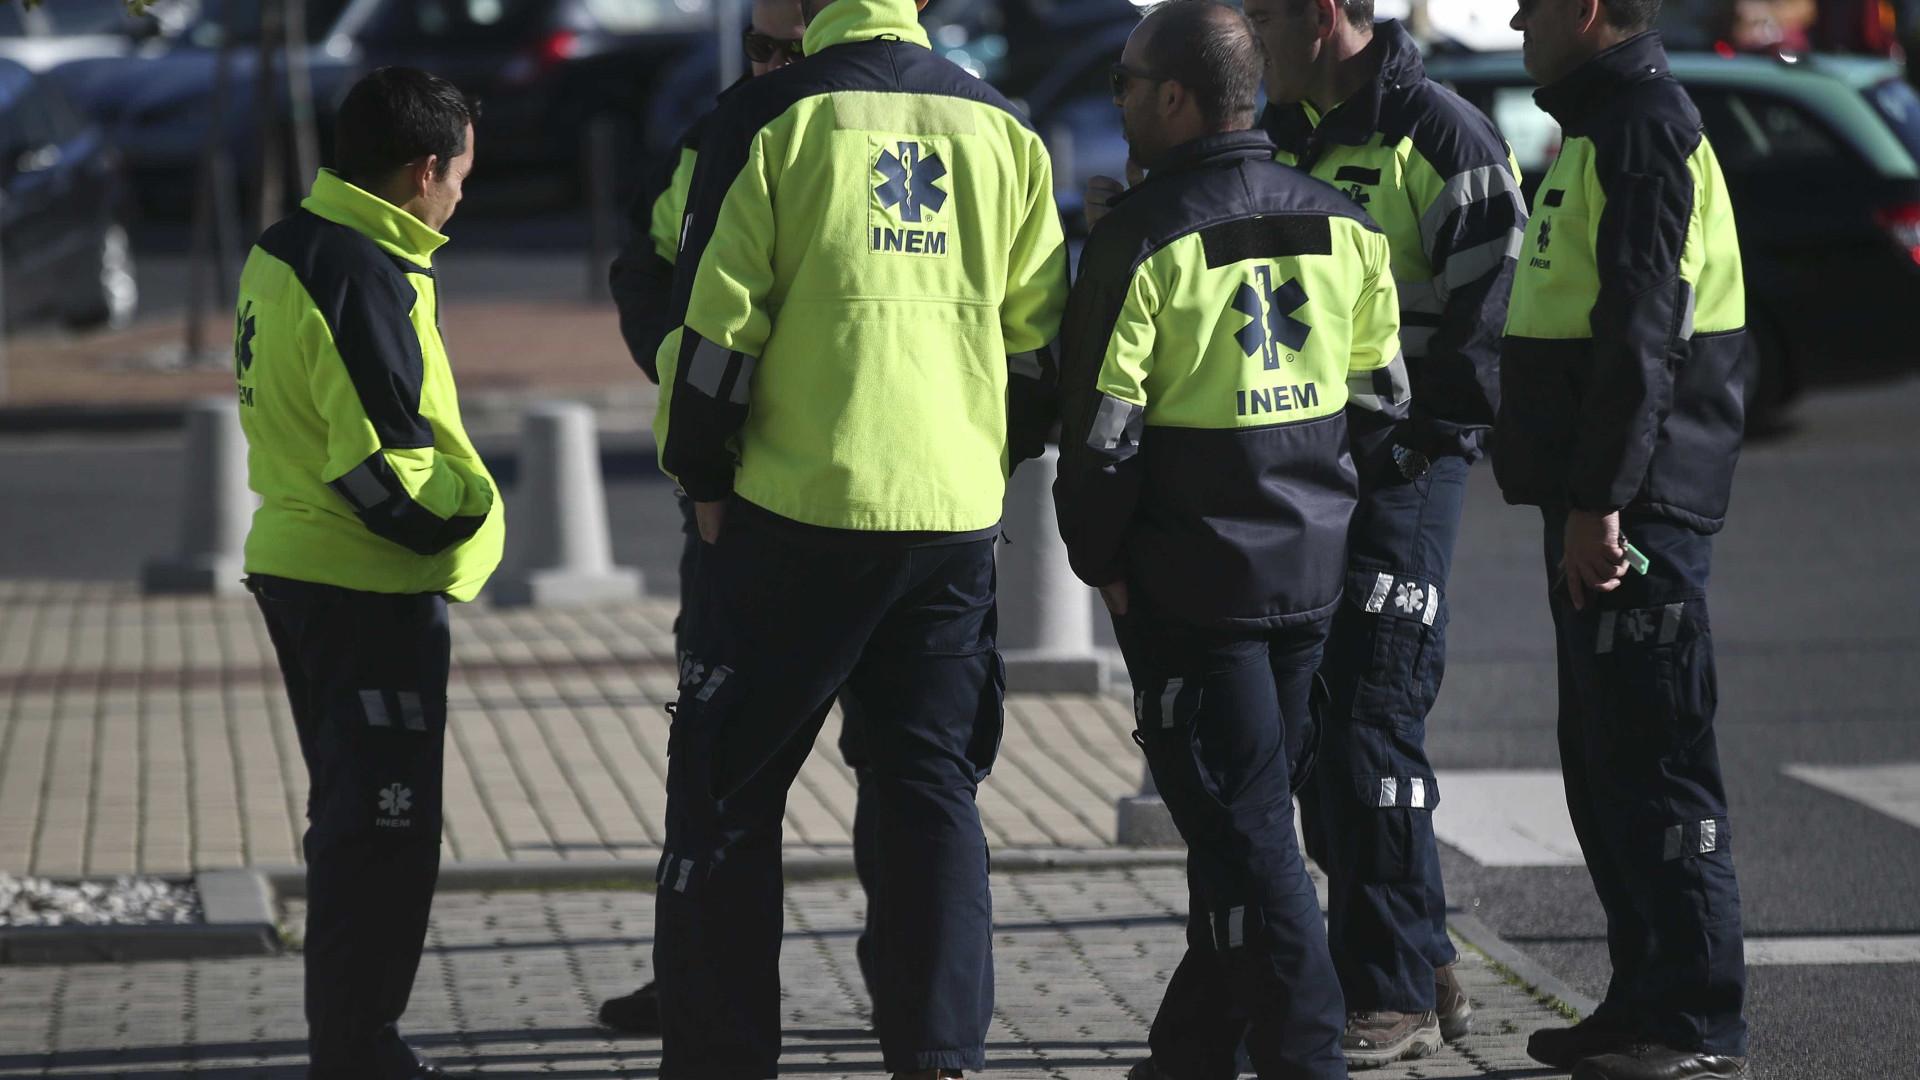 Suspensas buscas de jovem desaparecido em açude de Coruche